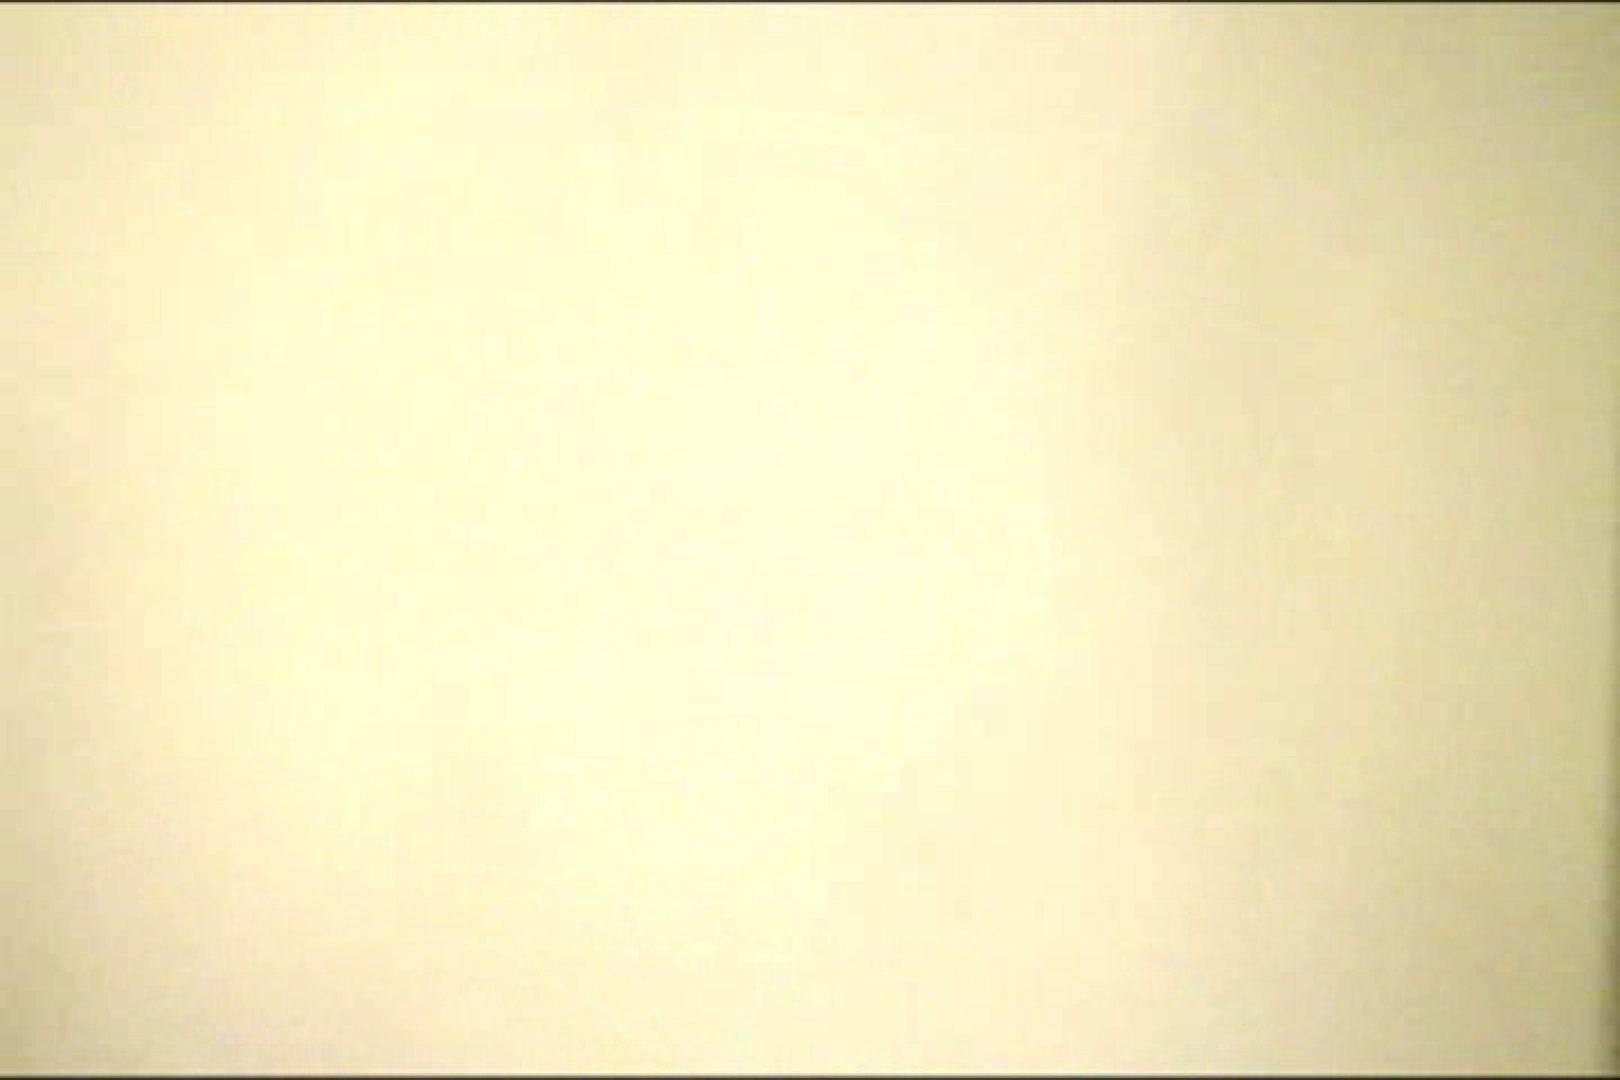 マンコ丸見え女子洗面所Vol.18 丸見え  101pic 92